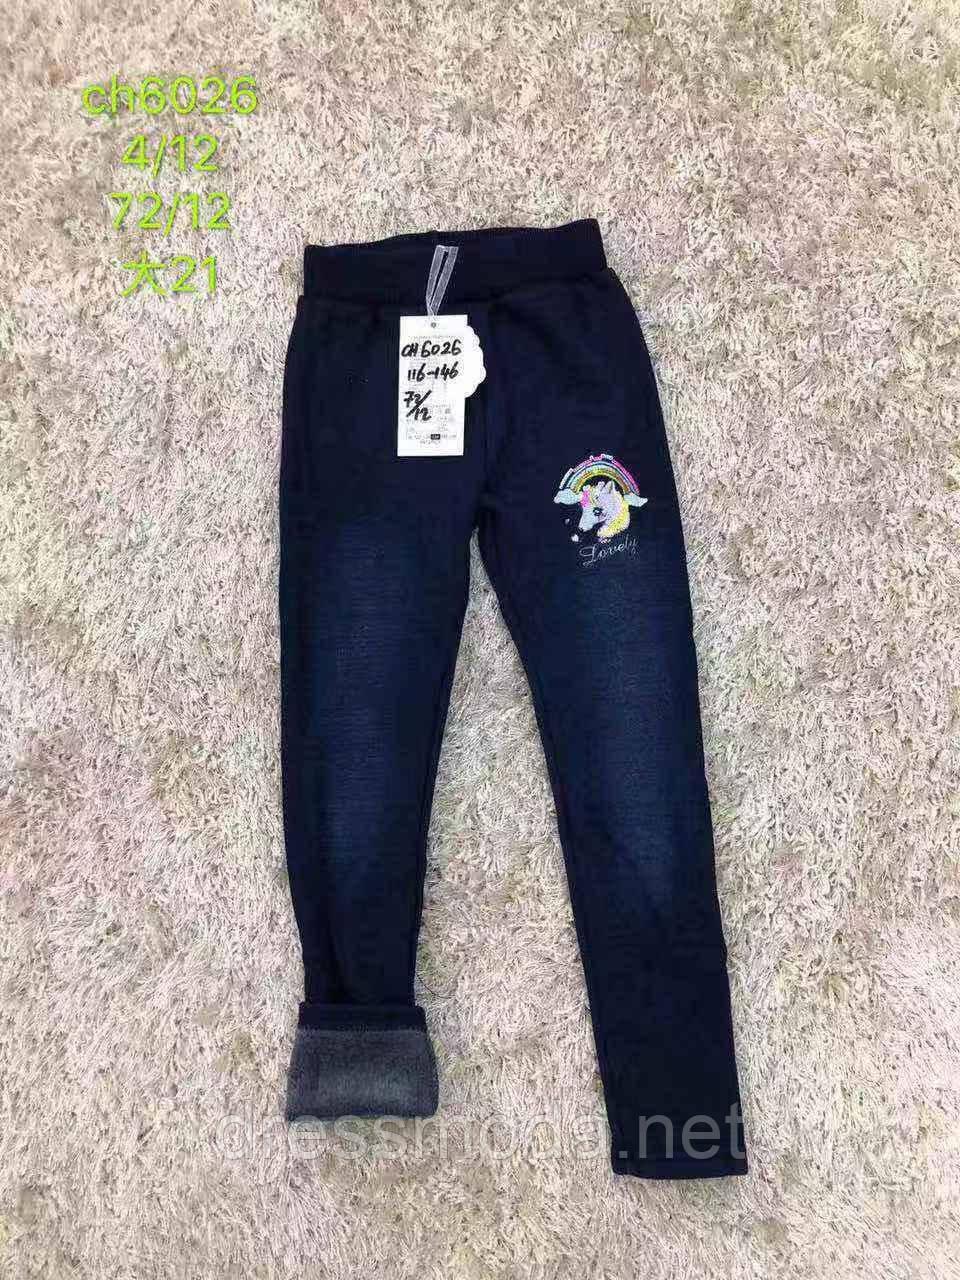 Леггинсы под джинс на меху для девочки S&D 116-146 р.р.